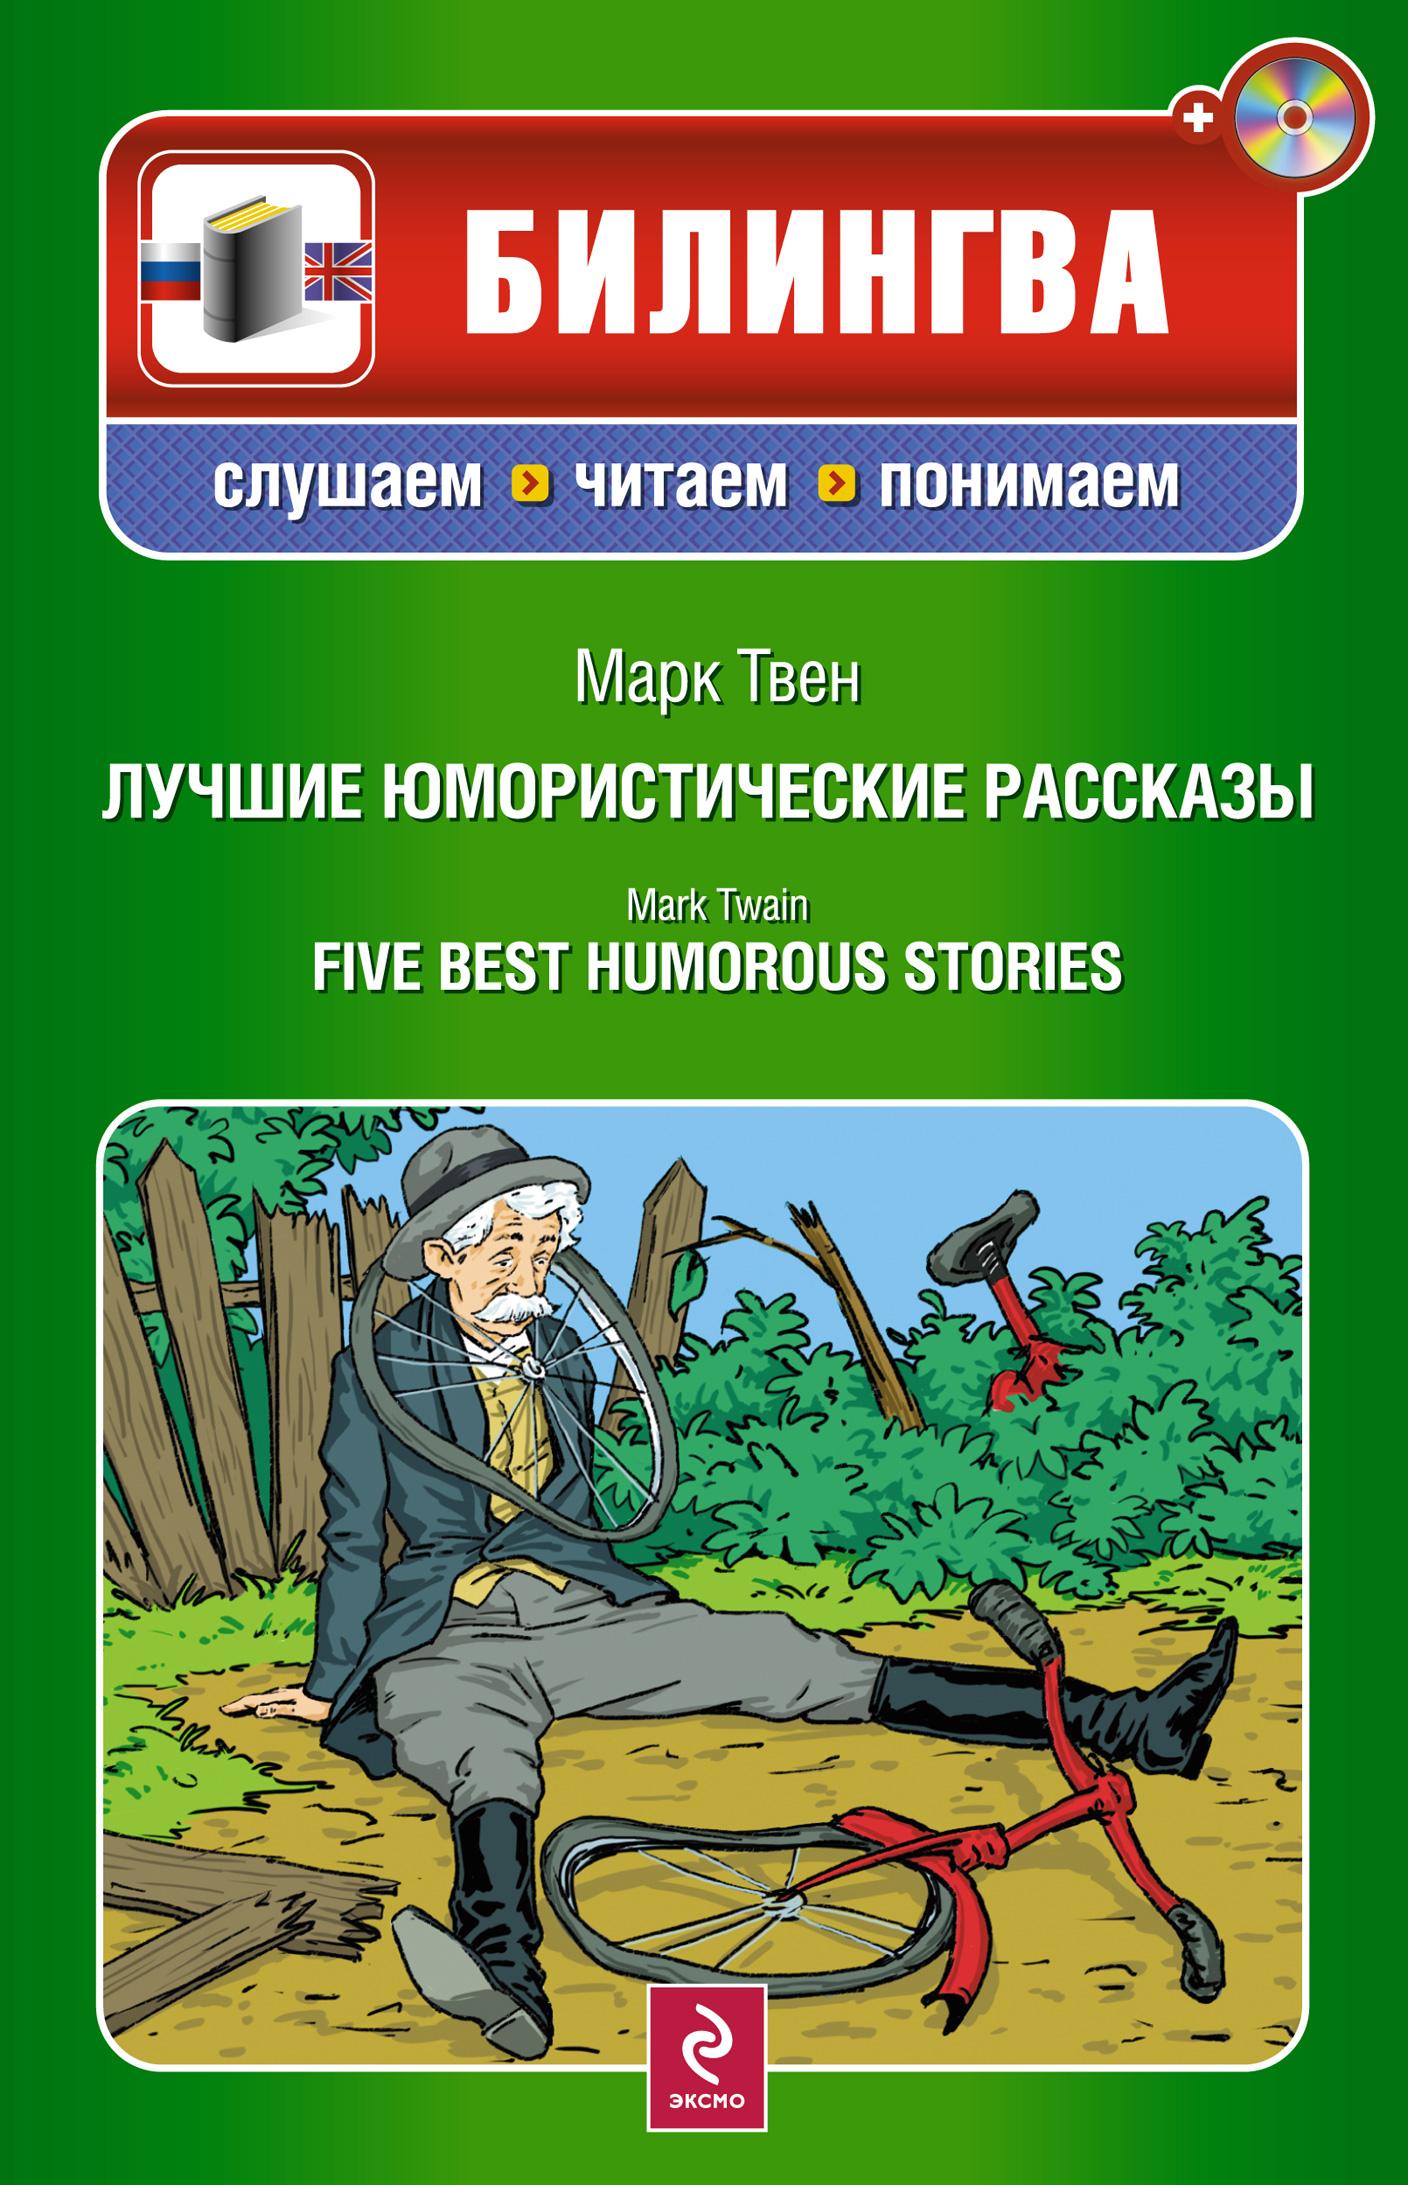 Марк Твен Лучшие юмористические рассказы / Five Best Humorous Stories (+MP3) марк твен 5 best humorous stories 5 лучших юмористических историй